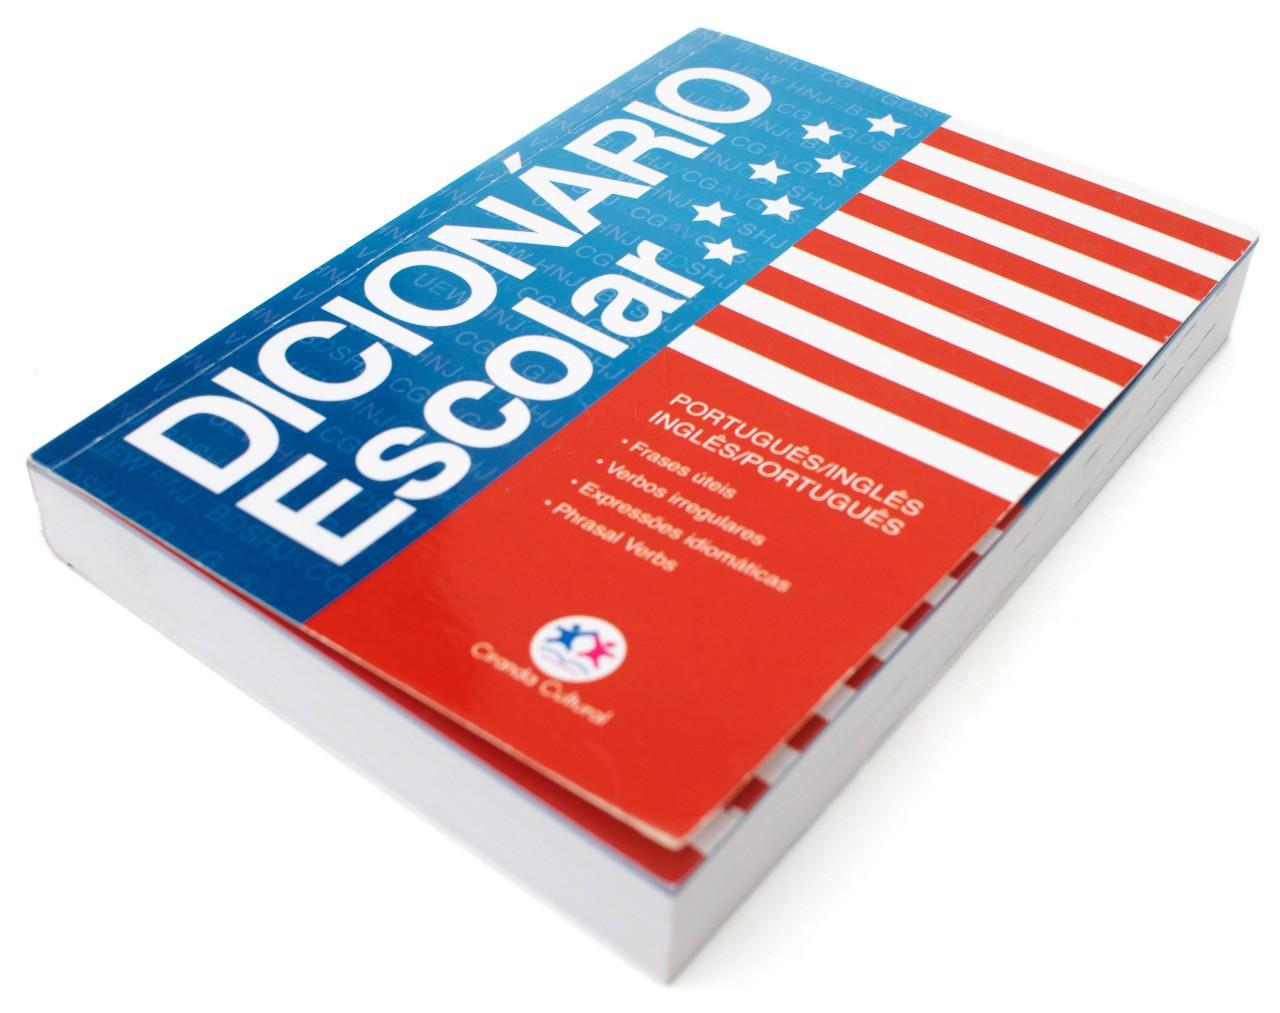 Livro - Dicionário Escolar: Português - Inglês / Inglês - Português